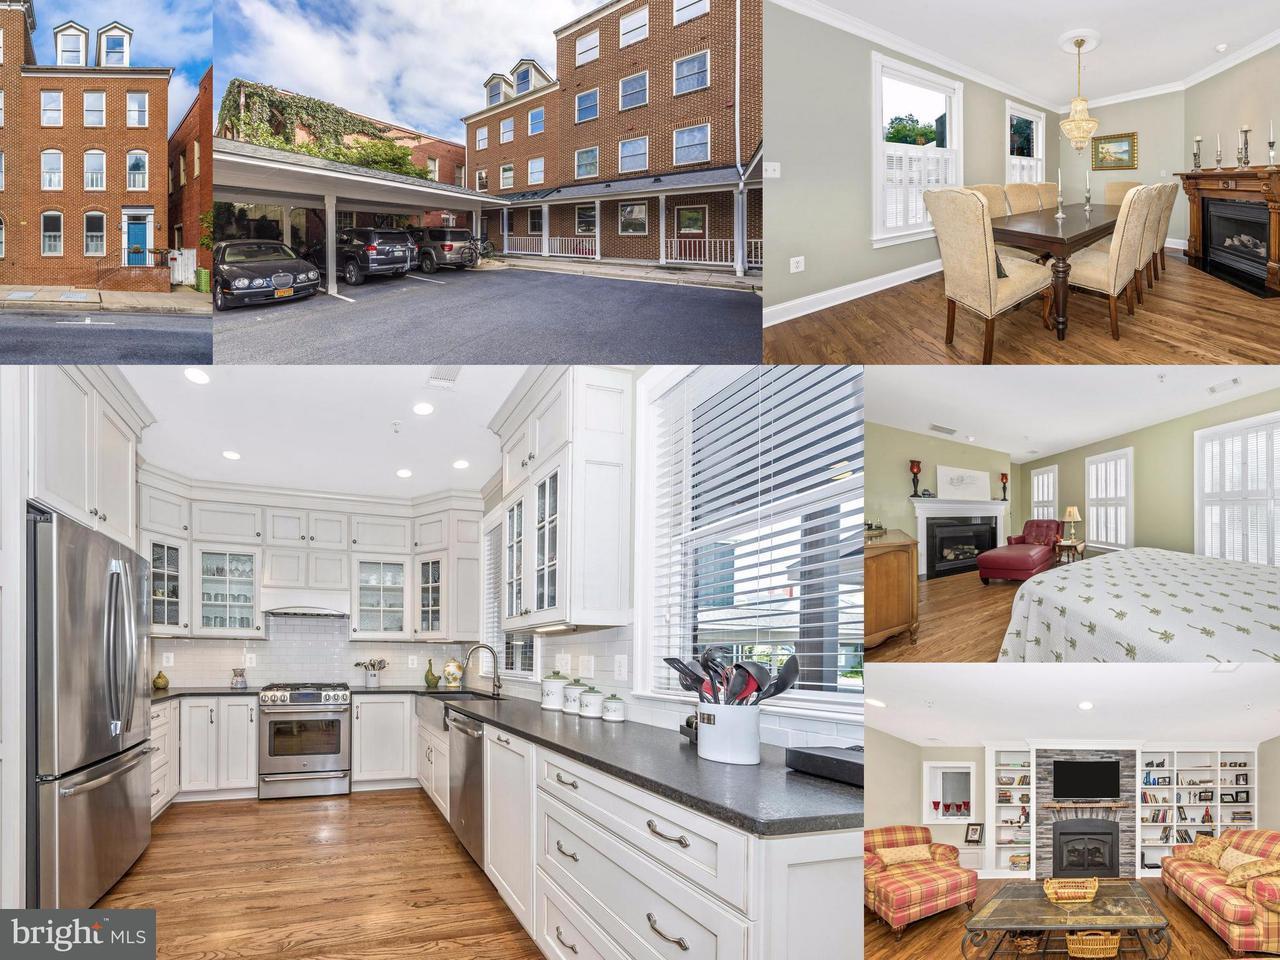 Σπίτι στην πόλη για την Πώληση στο 123 MARKET ST S 123 MARKET ST S Frederick, Μεριλαντ 21701 Ηνωμενεσ Πολιτειεσ